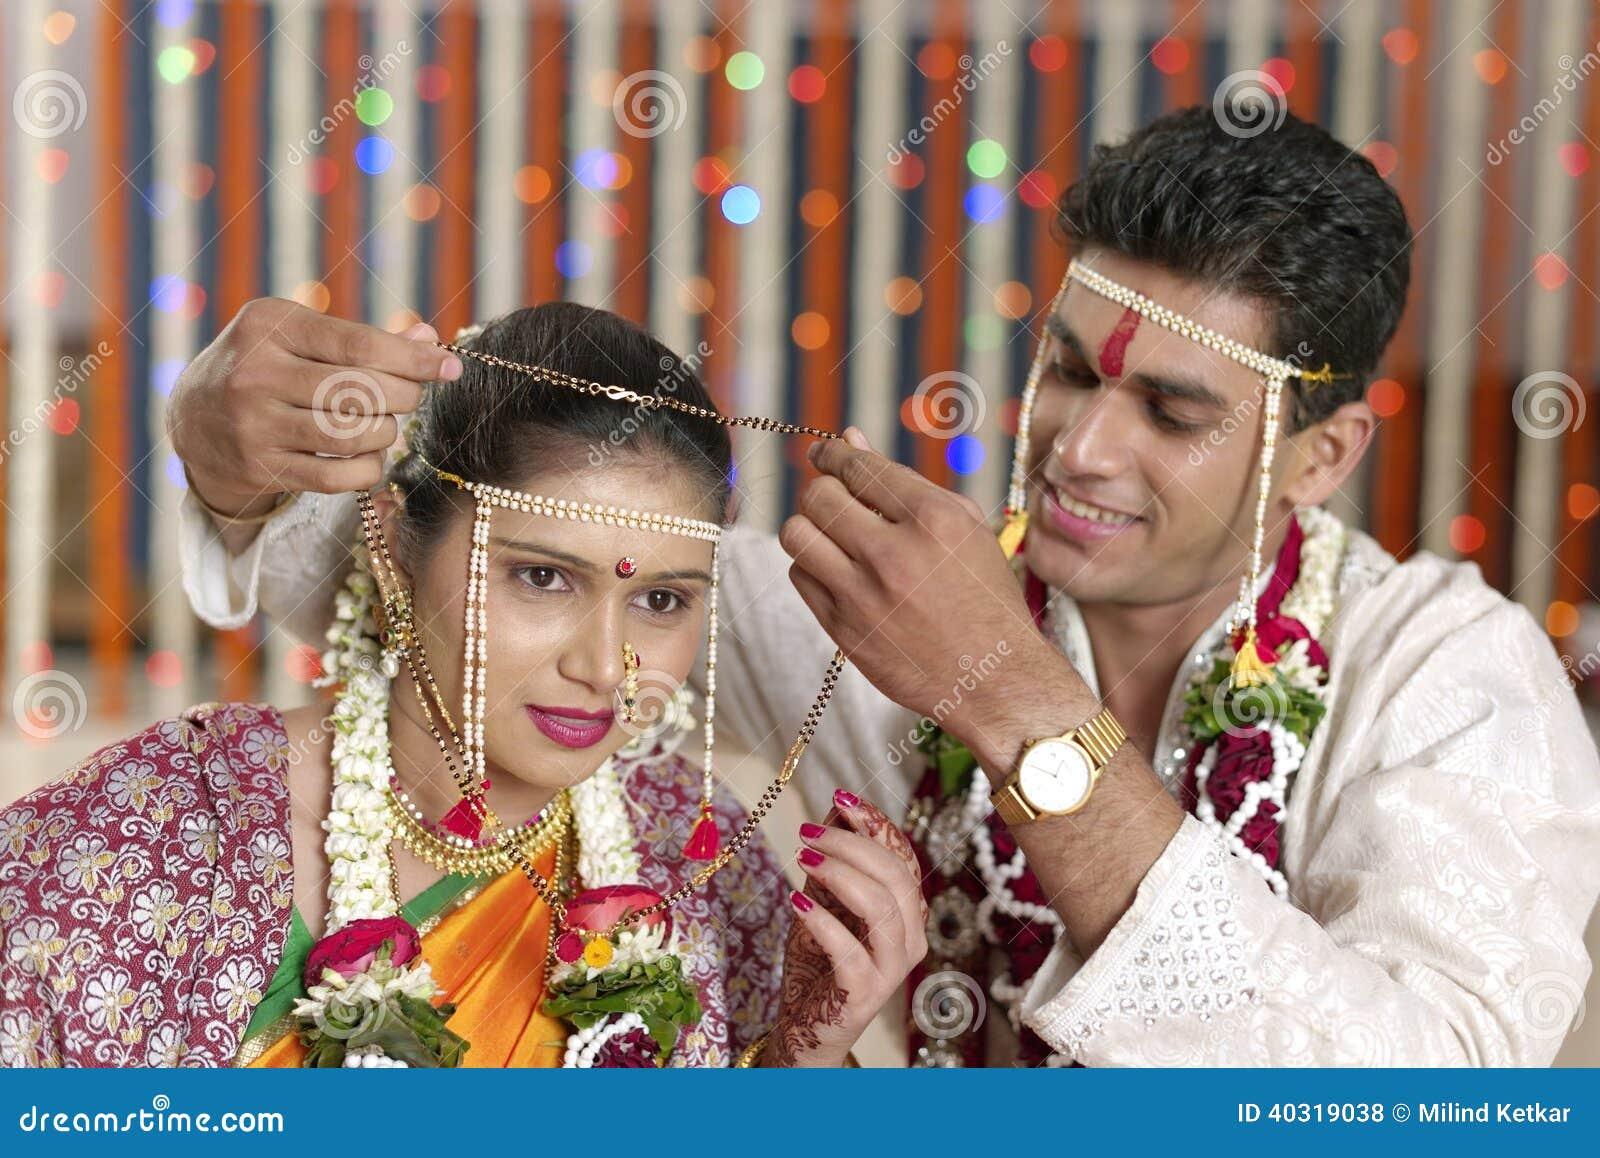 Rituels dans le mariage indou indien